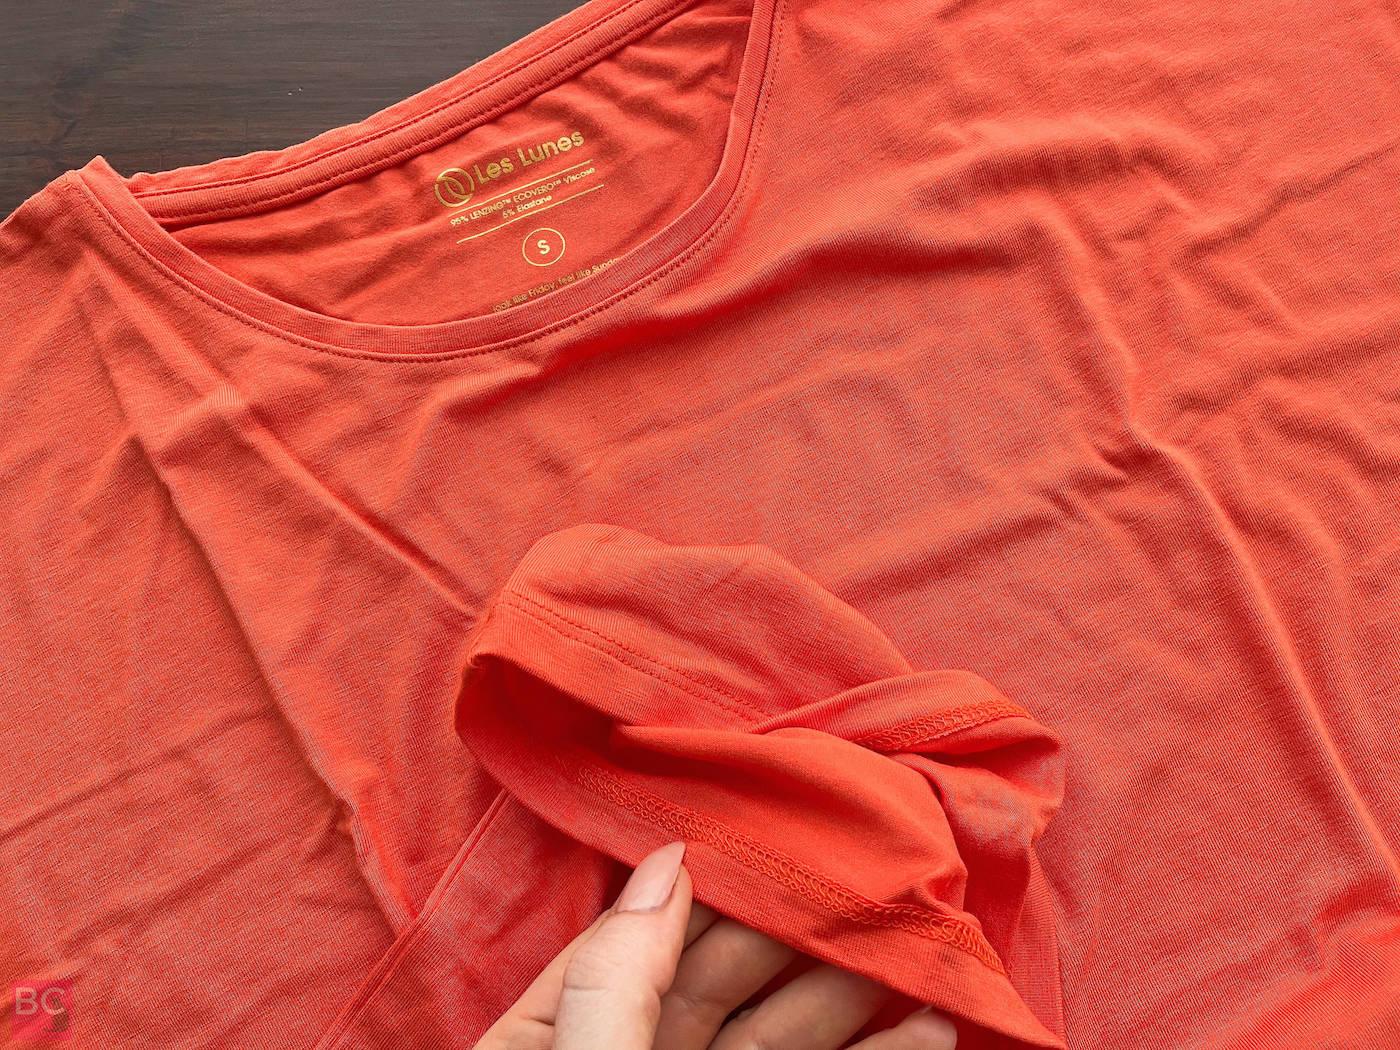 The Mia Shirt Les Lunes Erfahrungen vorne Details Nähte Naht Verarbeitung